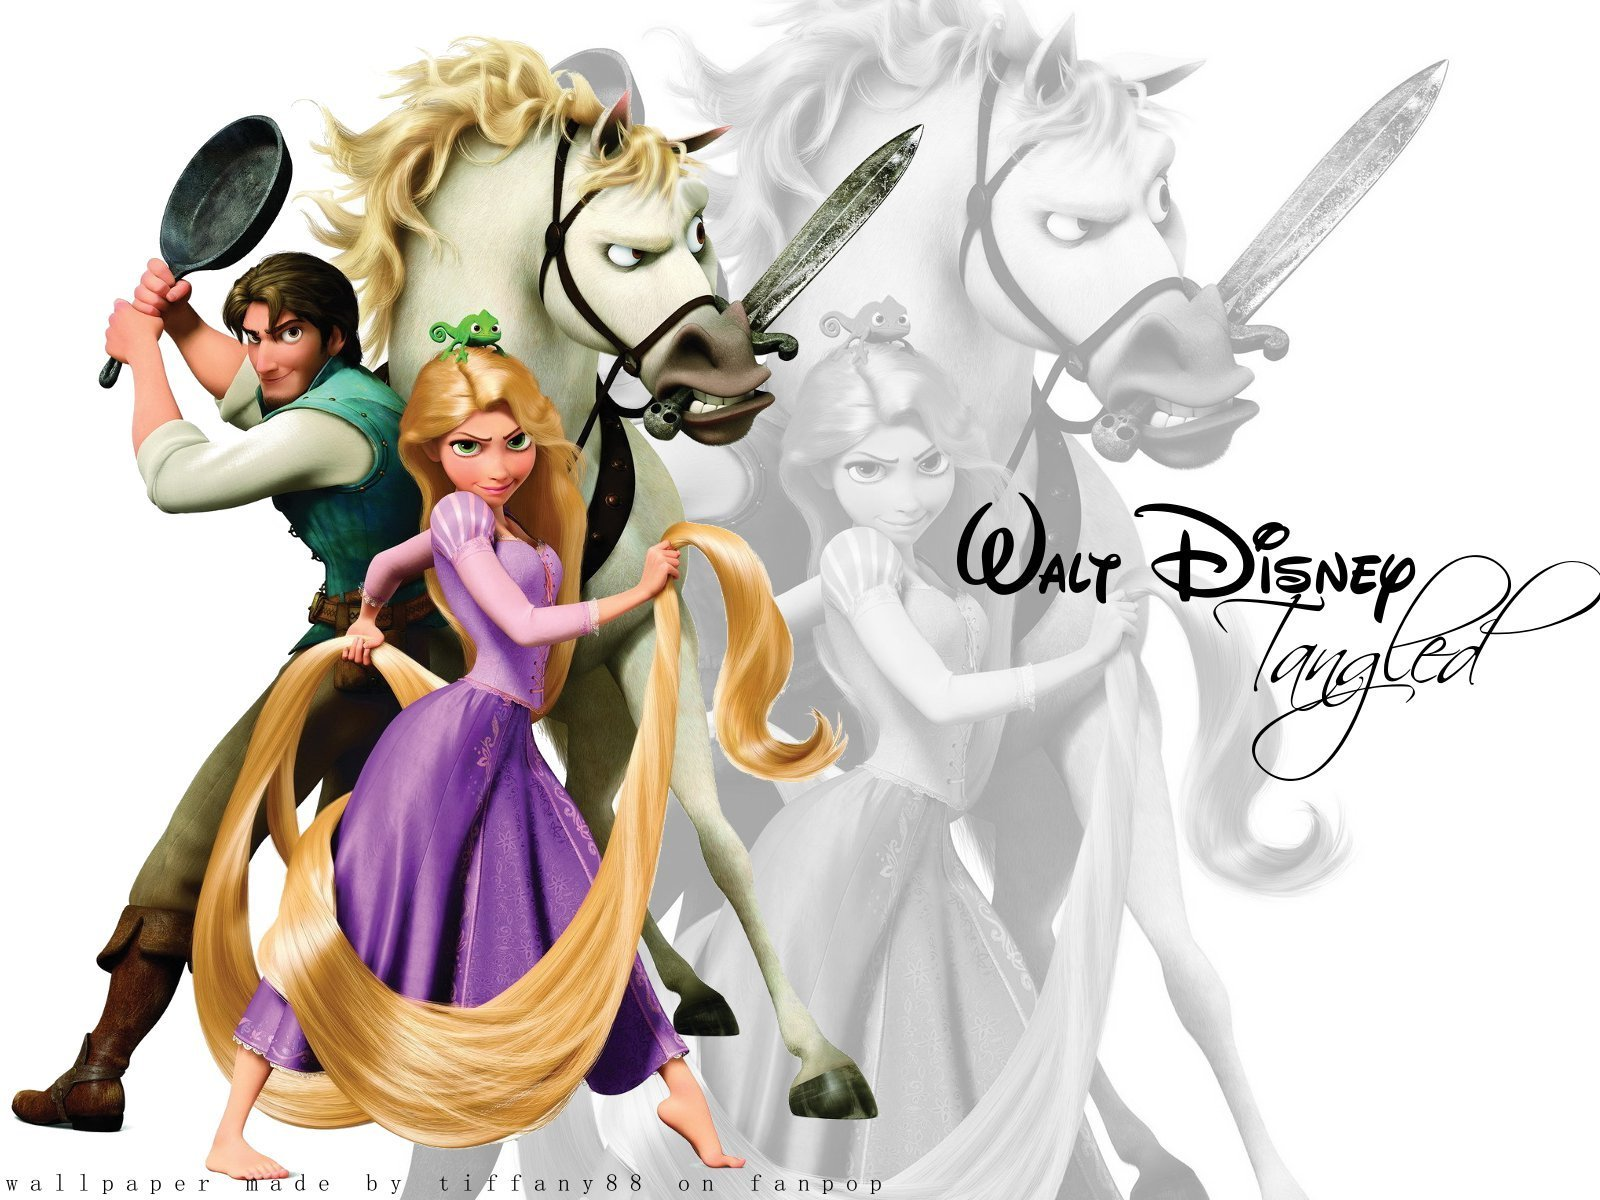 http://3.bp.blogspot.com/_QKwFq7xMjVE/TPeQ7Gb1-GI/AAAAAAAAHfg/TrFquX-Jclw/s1600/Tangled-Rapunzel-disney-princess-16363312-1600-1200.jpg